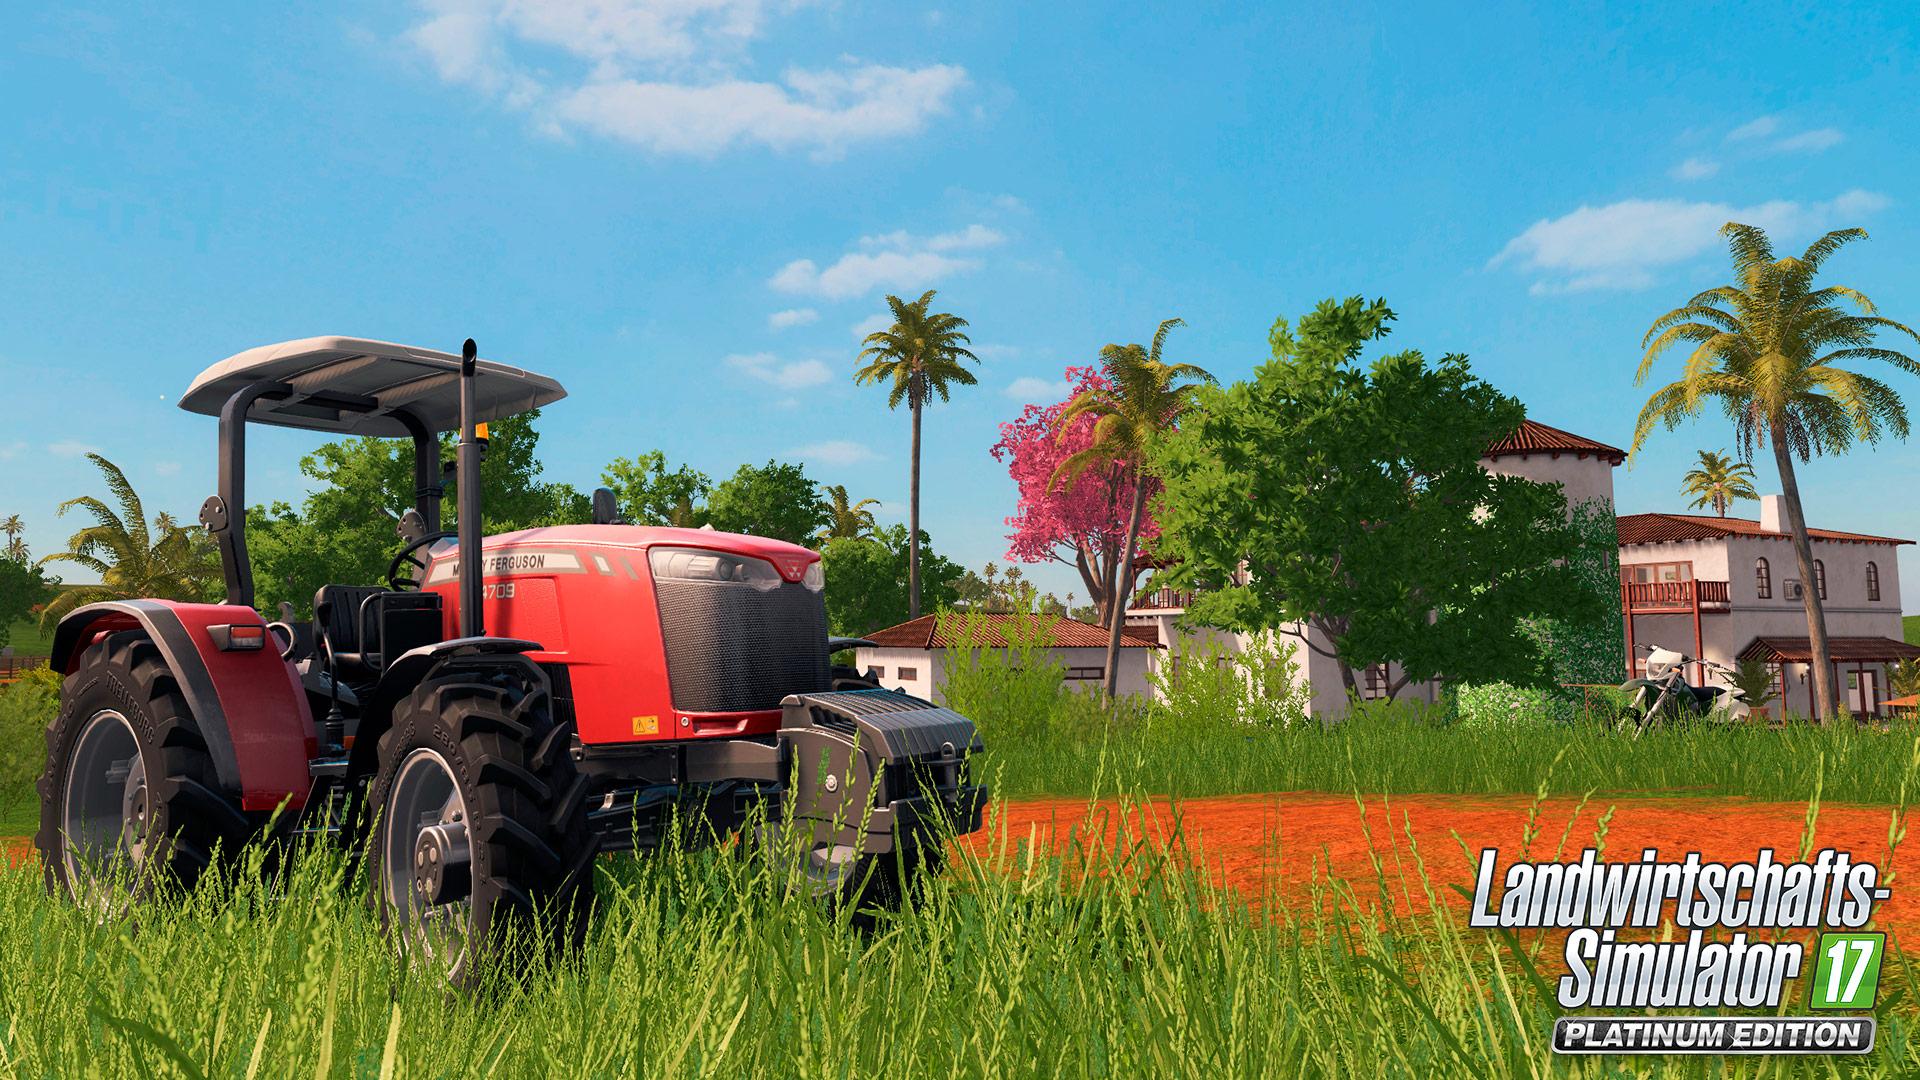 Landwirtschafts-Simulator 17: Platinum Add-on und Platinum Edition angekündigt